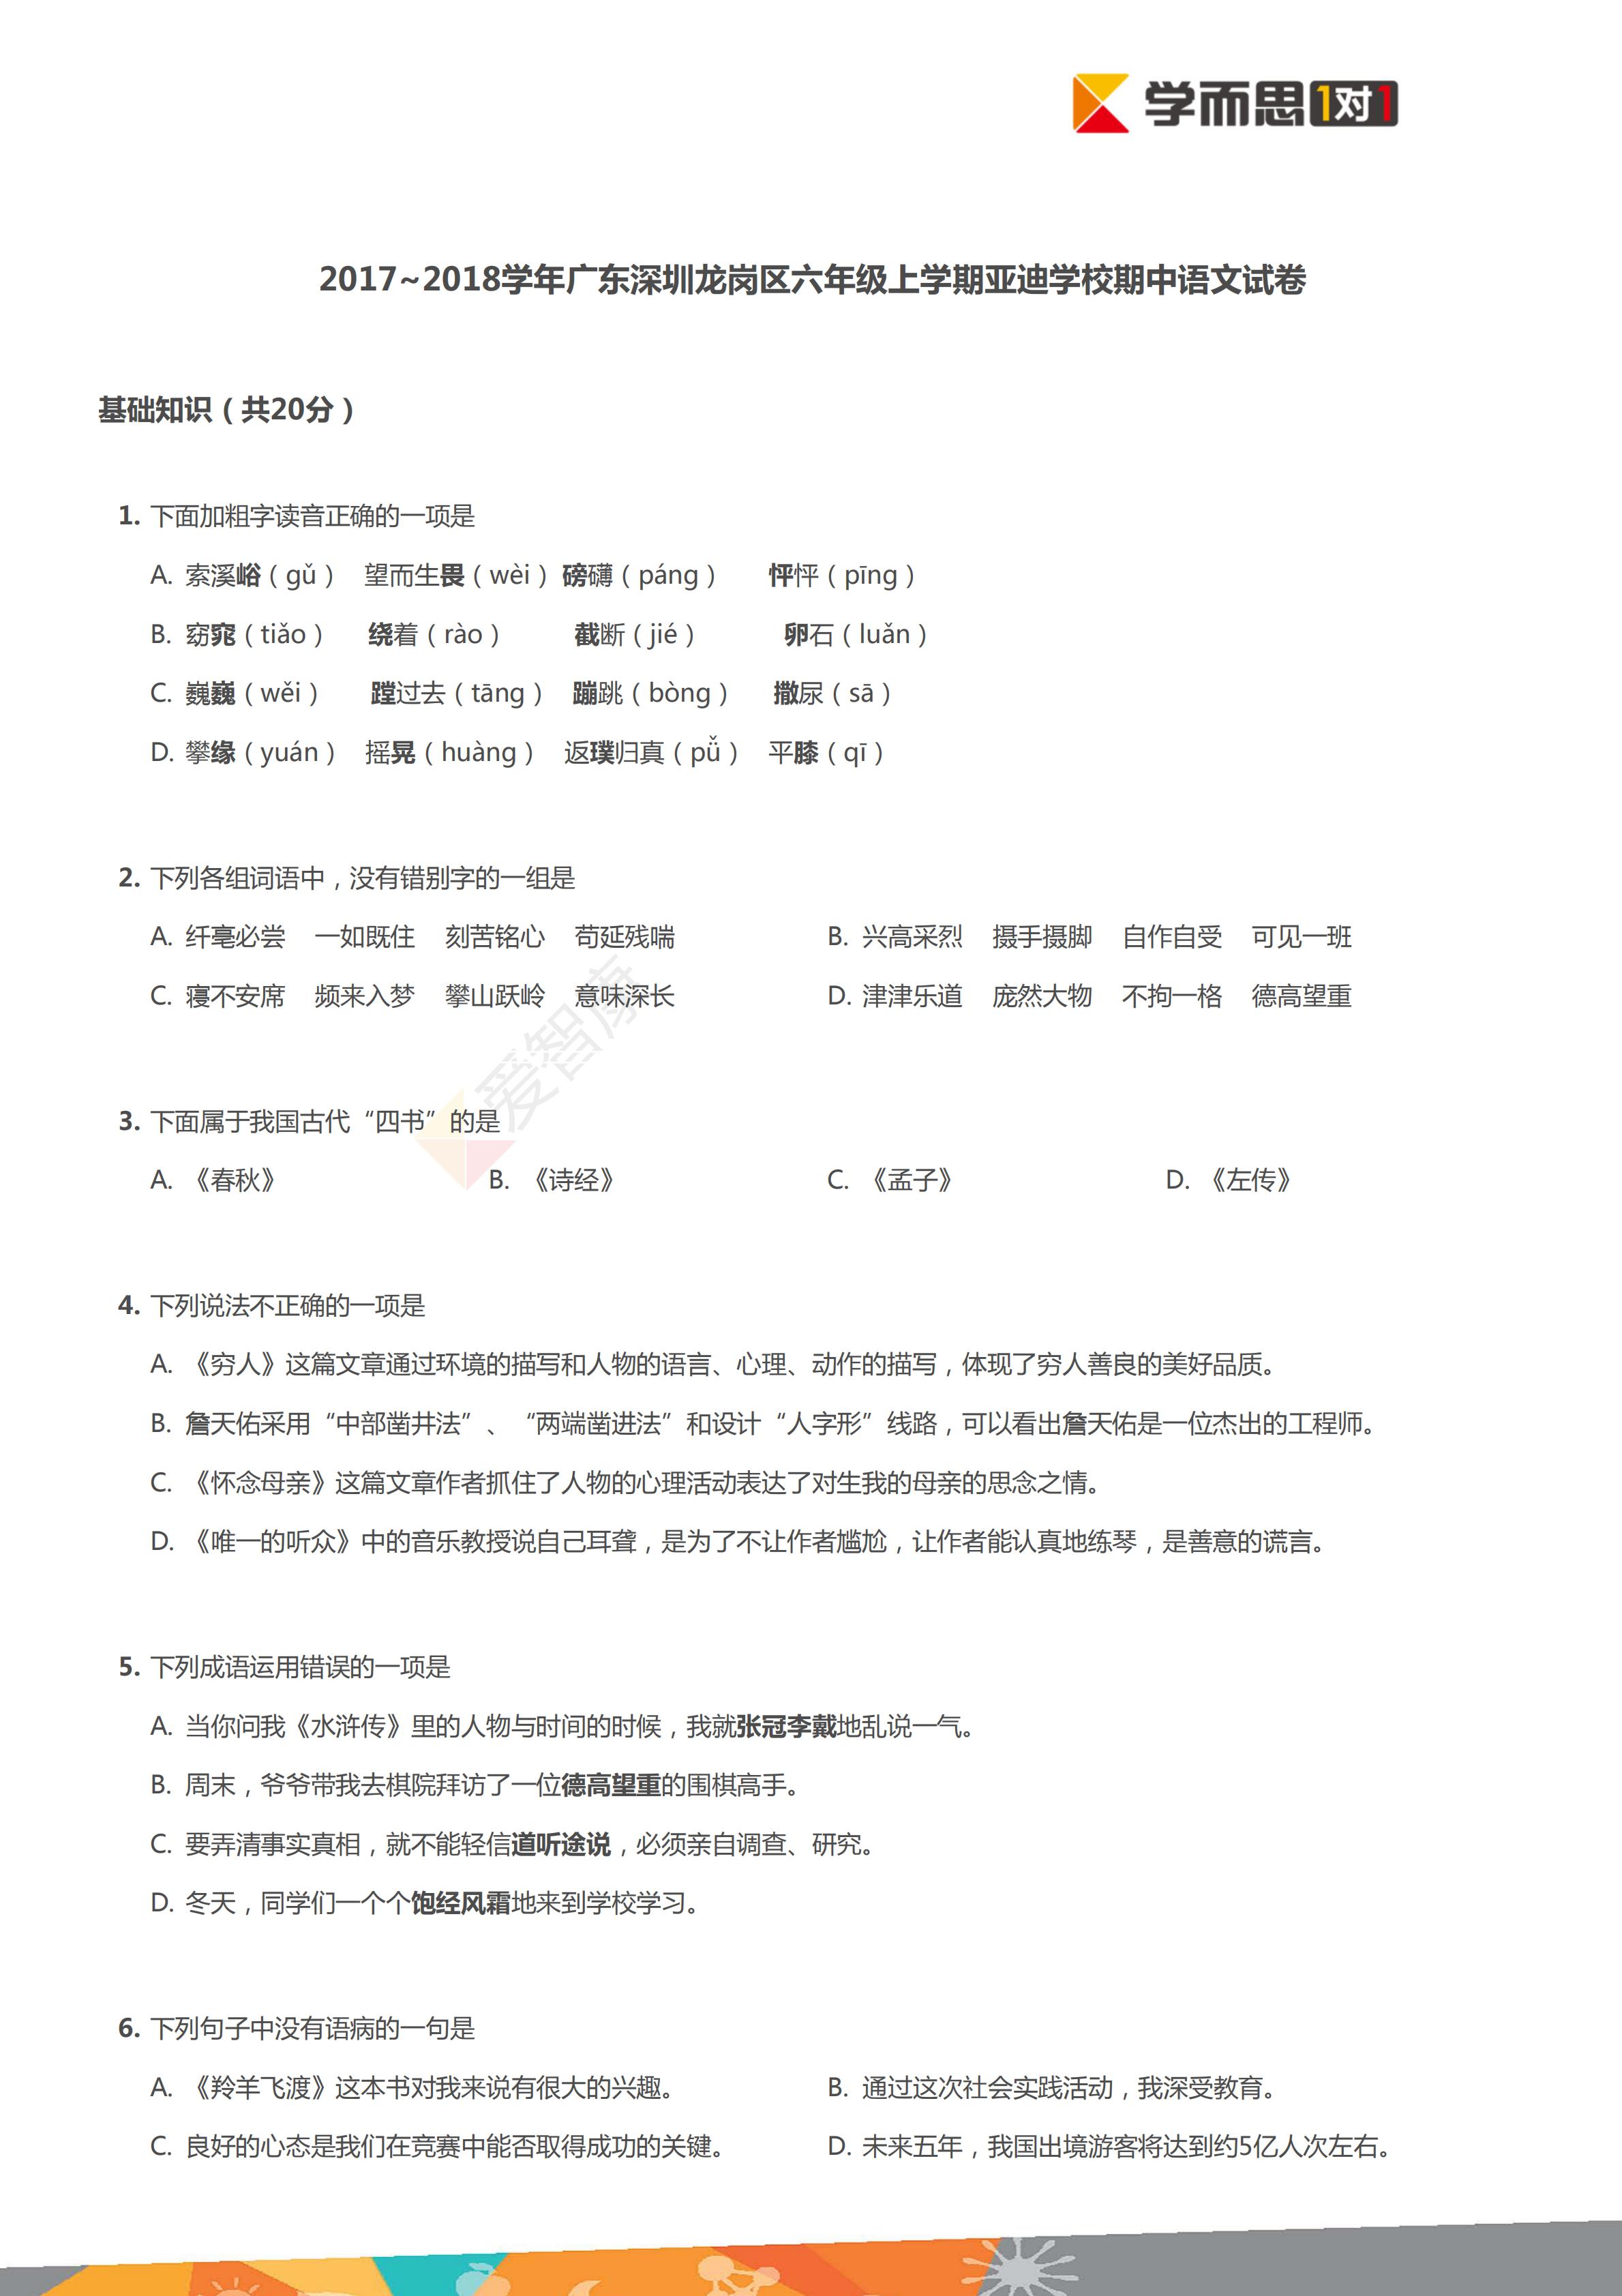 深圳龙岗区亚迪学校2018学年上学期期中考试小学六年级语文试卷及答案